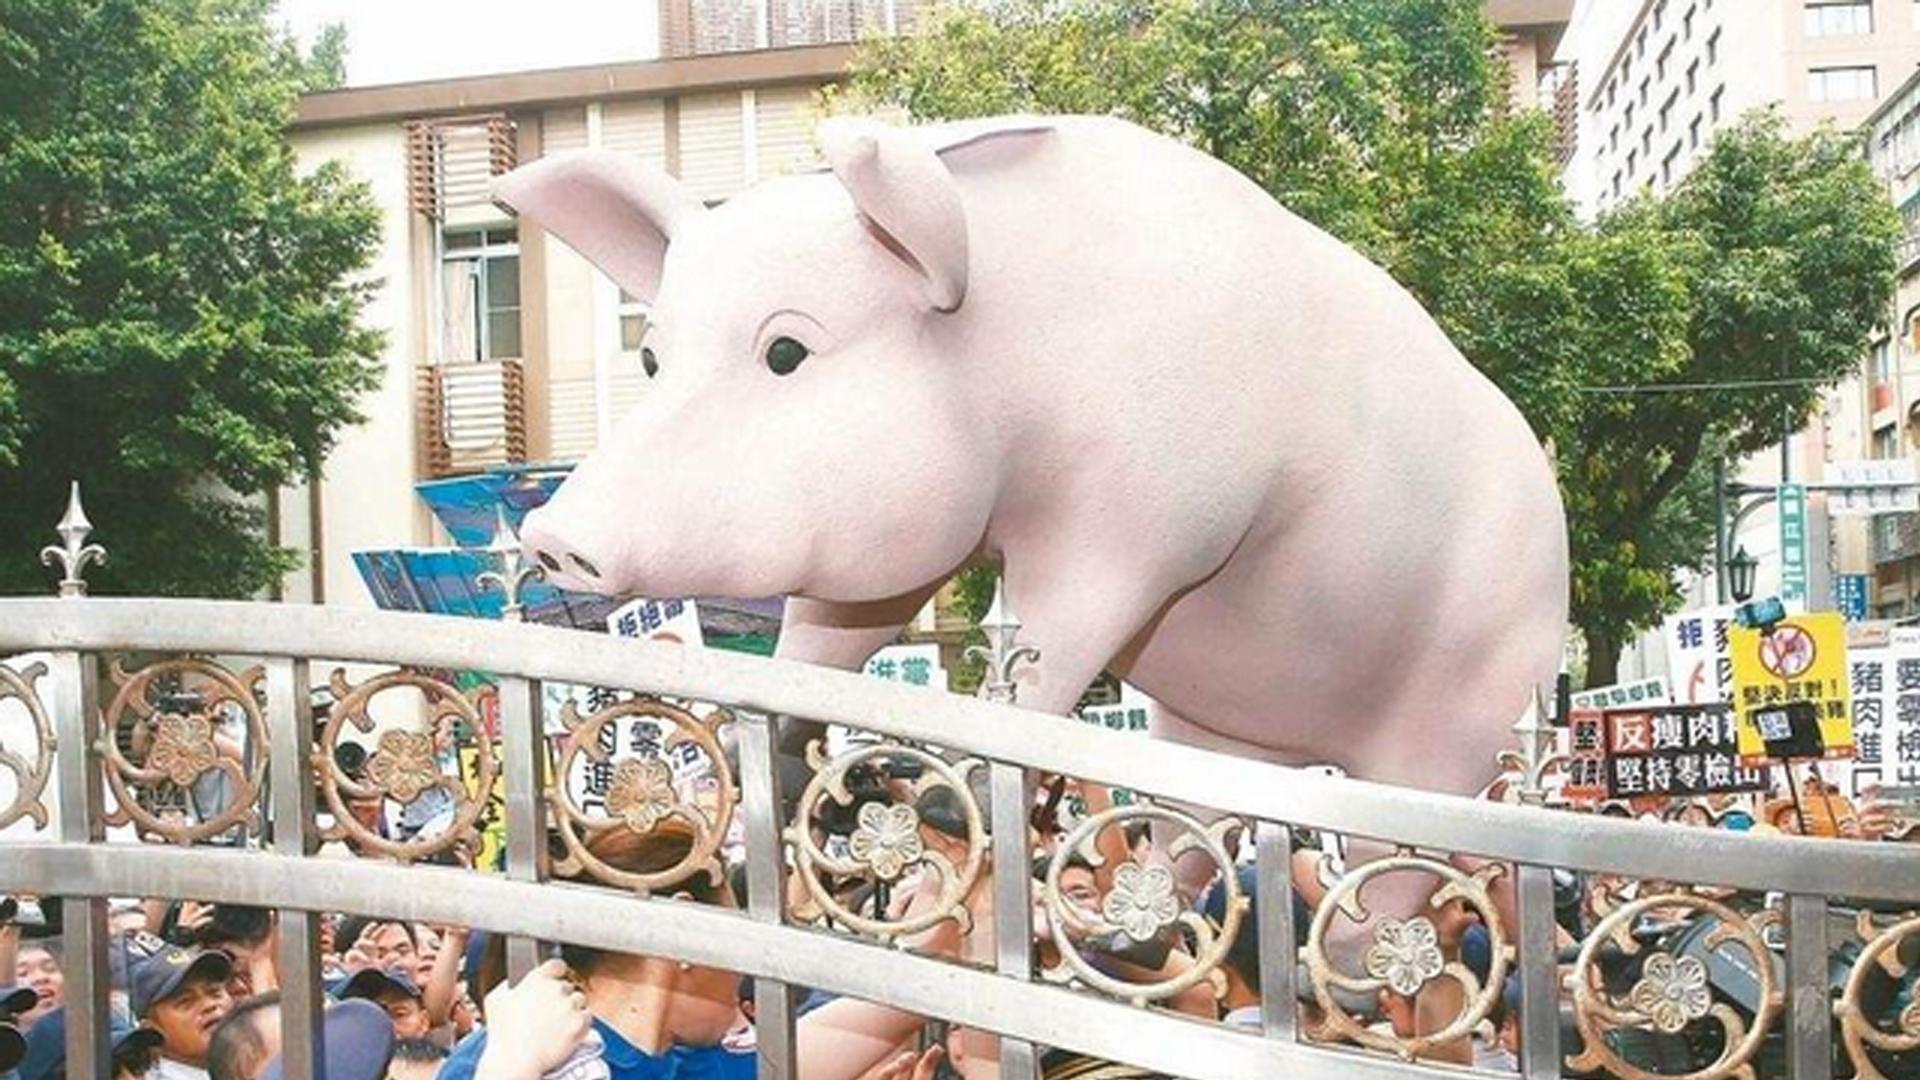 出来混迟早要还,民进党当局执意开放美猪牛必将反噬自身图片